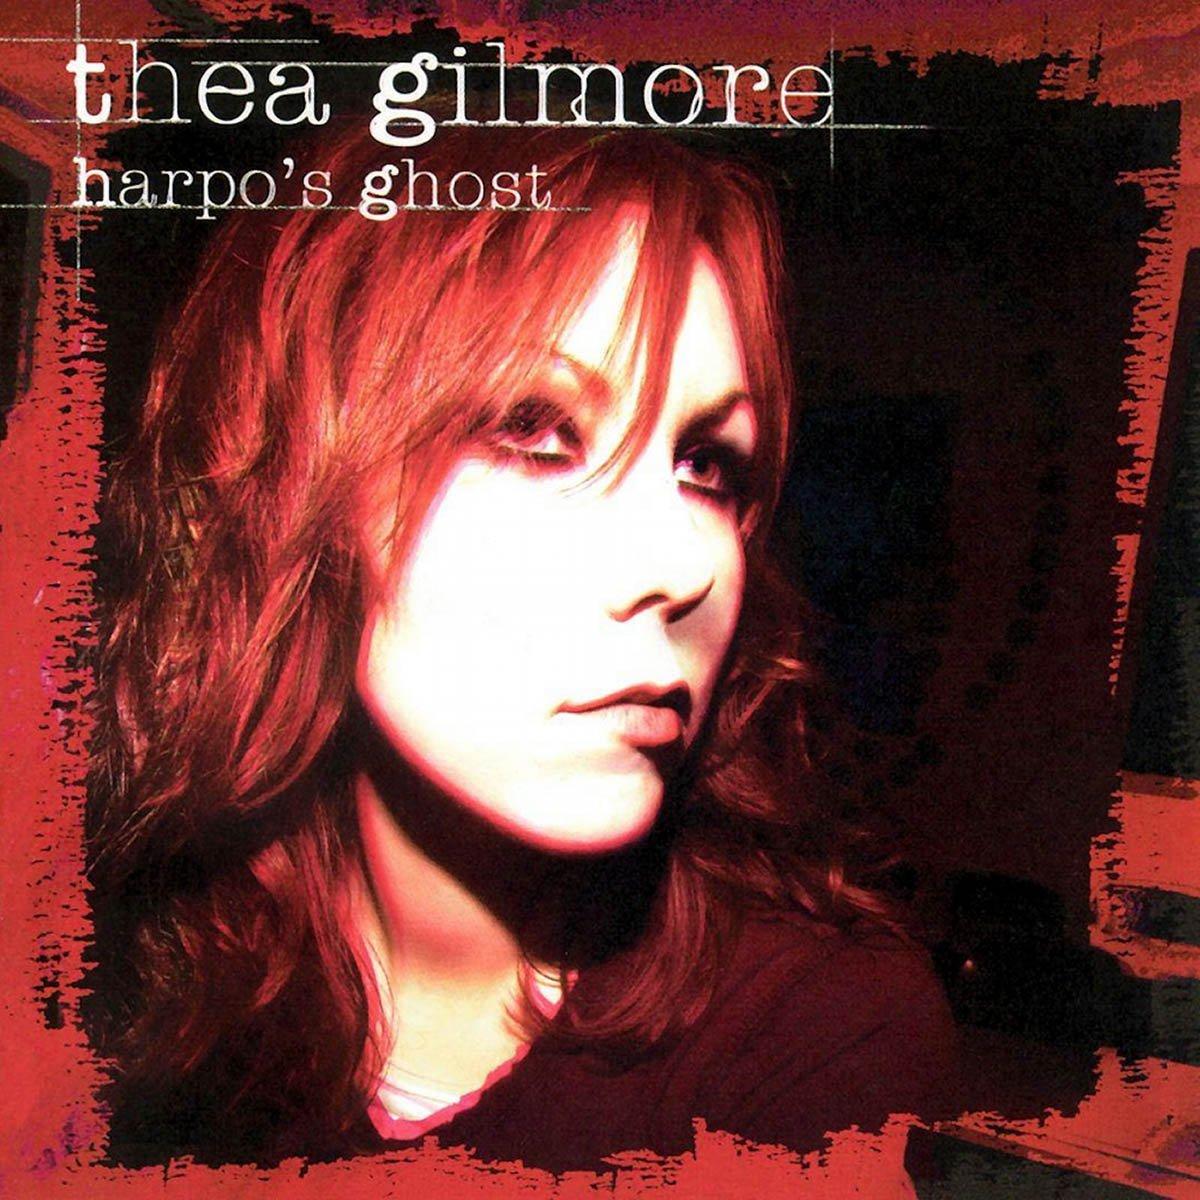 Thea Gilmore, Harpo's Ghost